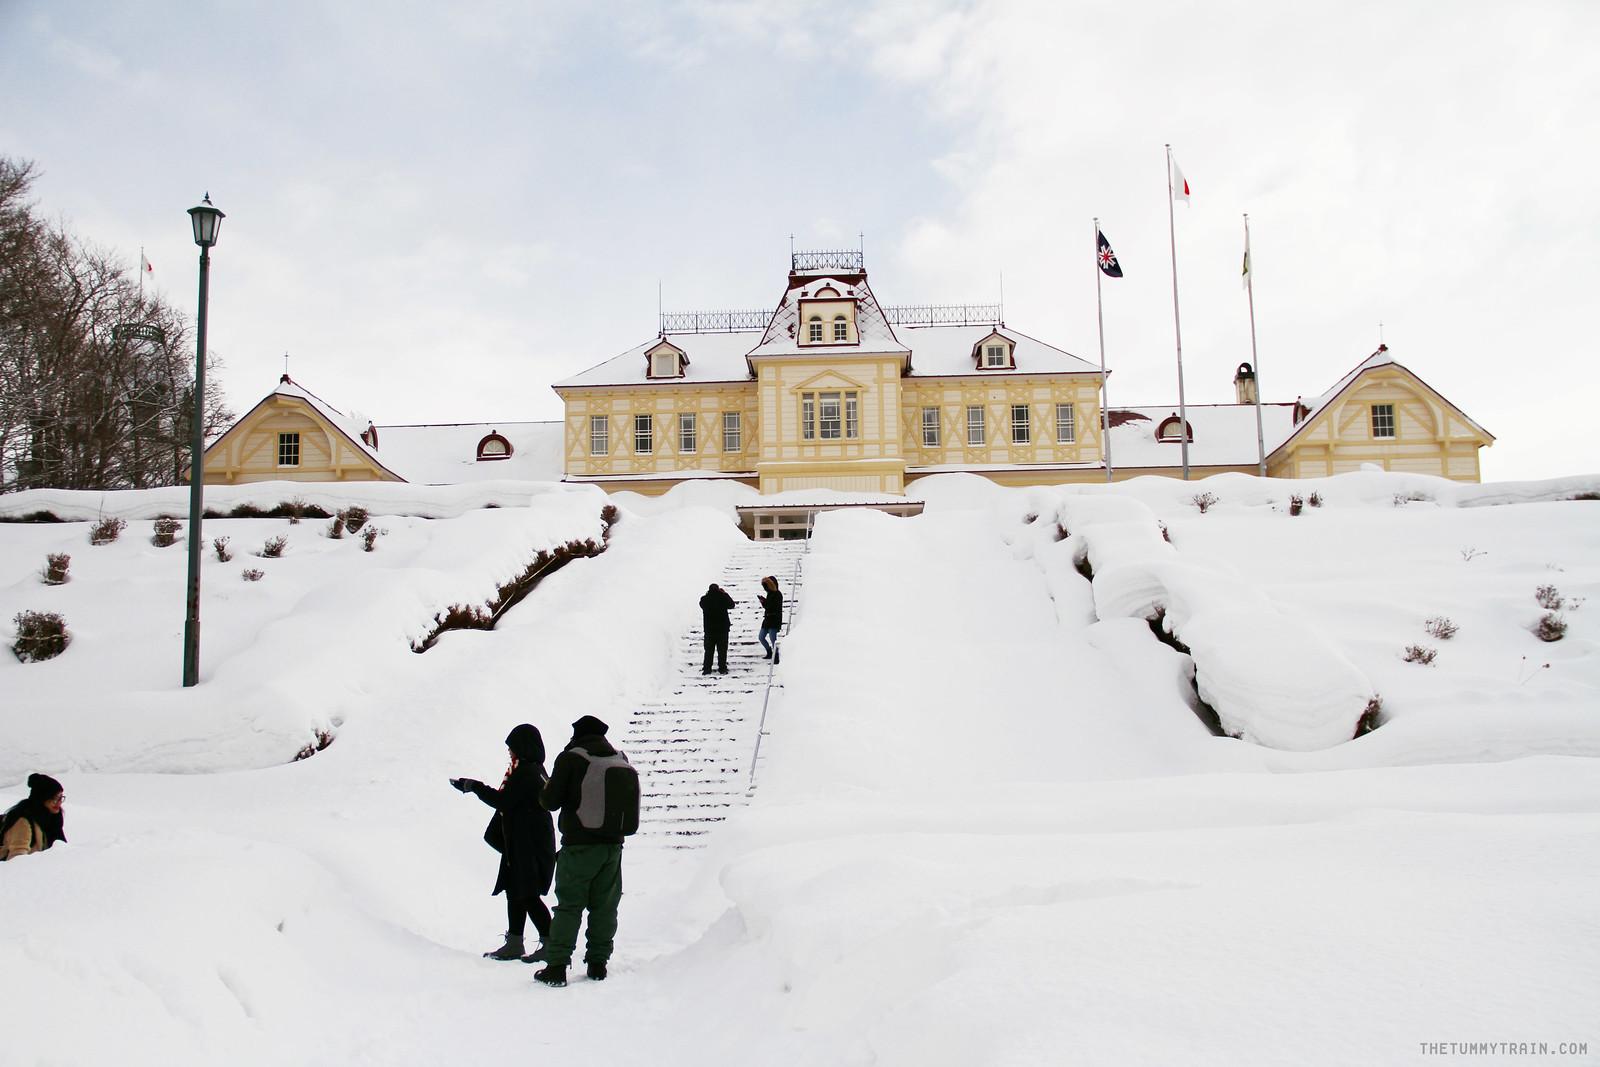 32072332354 915e4e1de2 h - Sapporo Snow And Smile: 8 Unforgettable Winter Experiences in Sapporo City